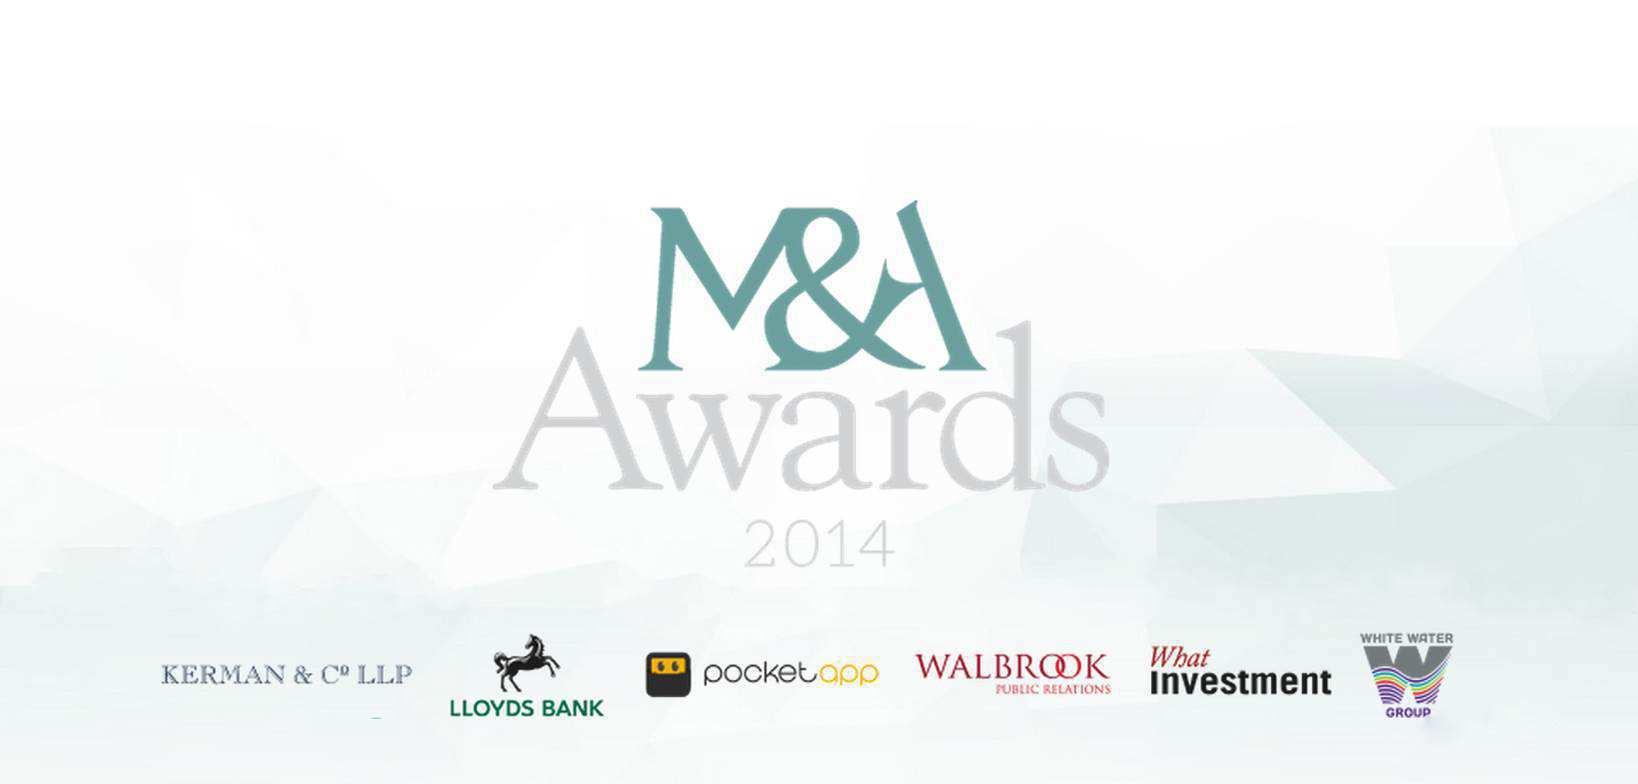 MA awards